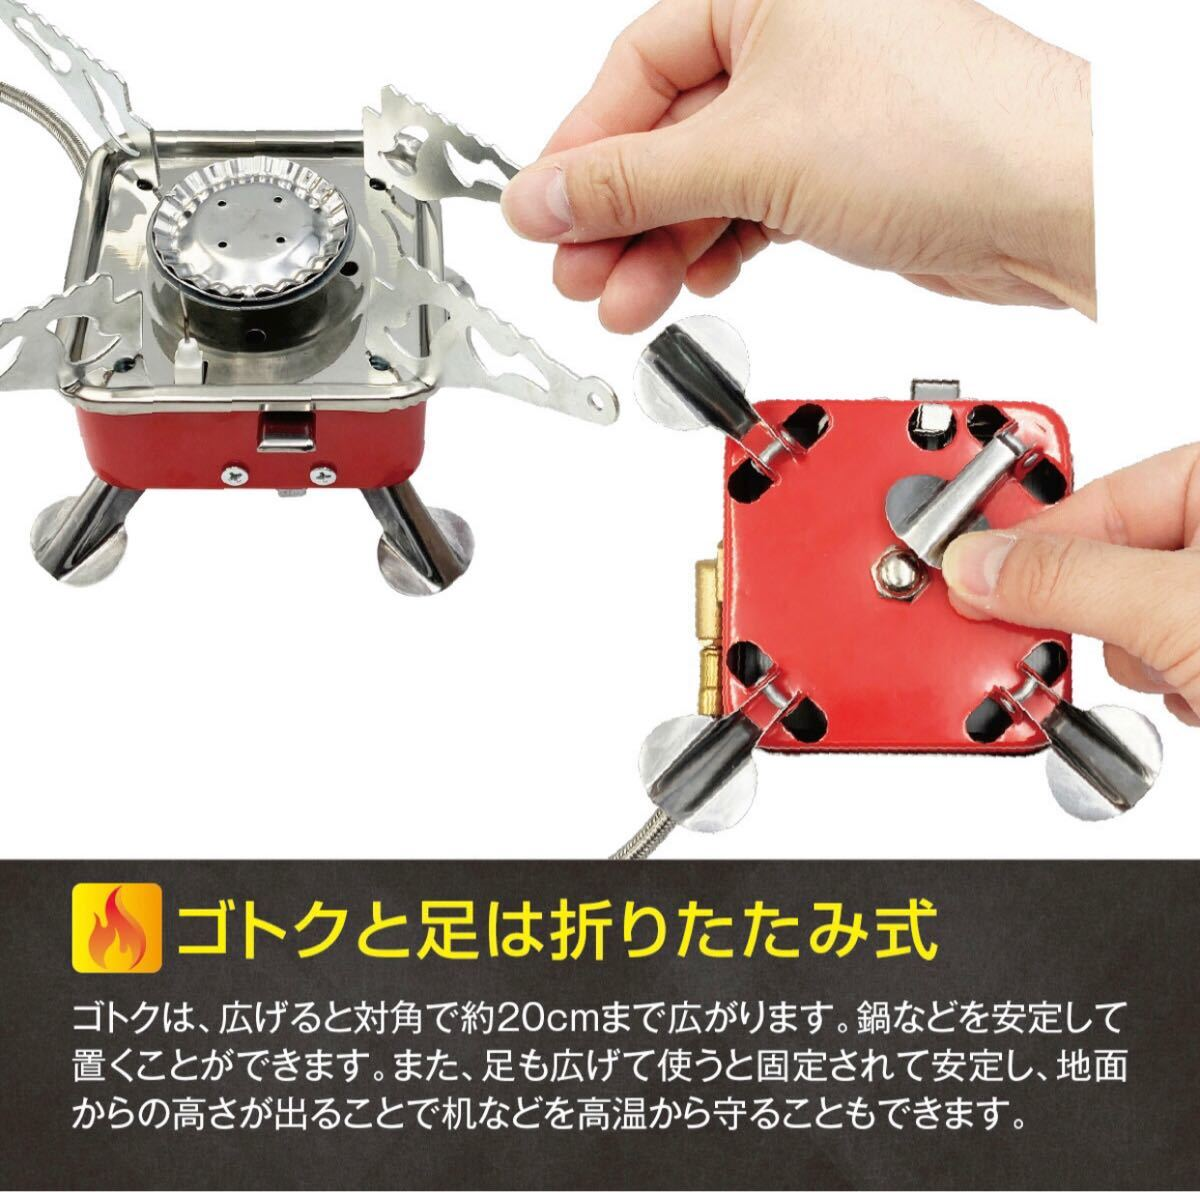 シングルバーナー  キャンプバーナー CB缶/OD缶対応 強力火力